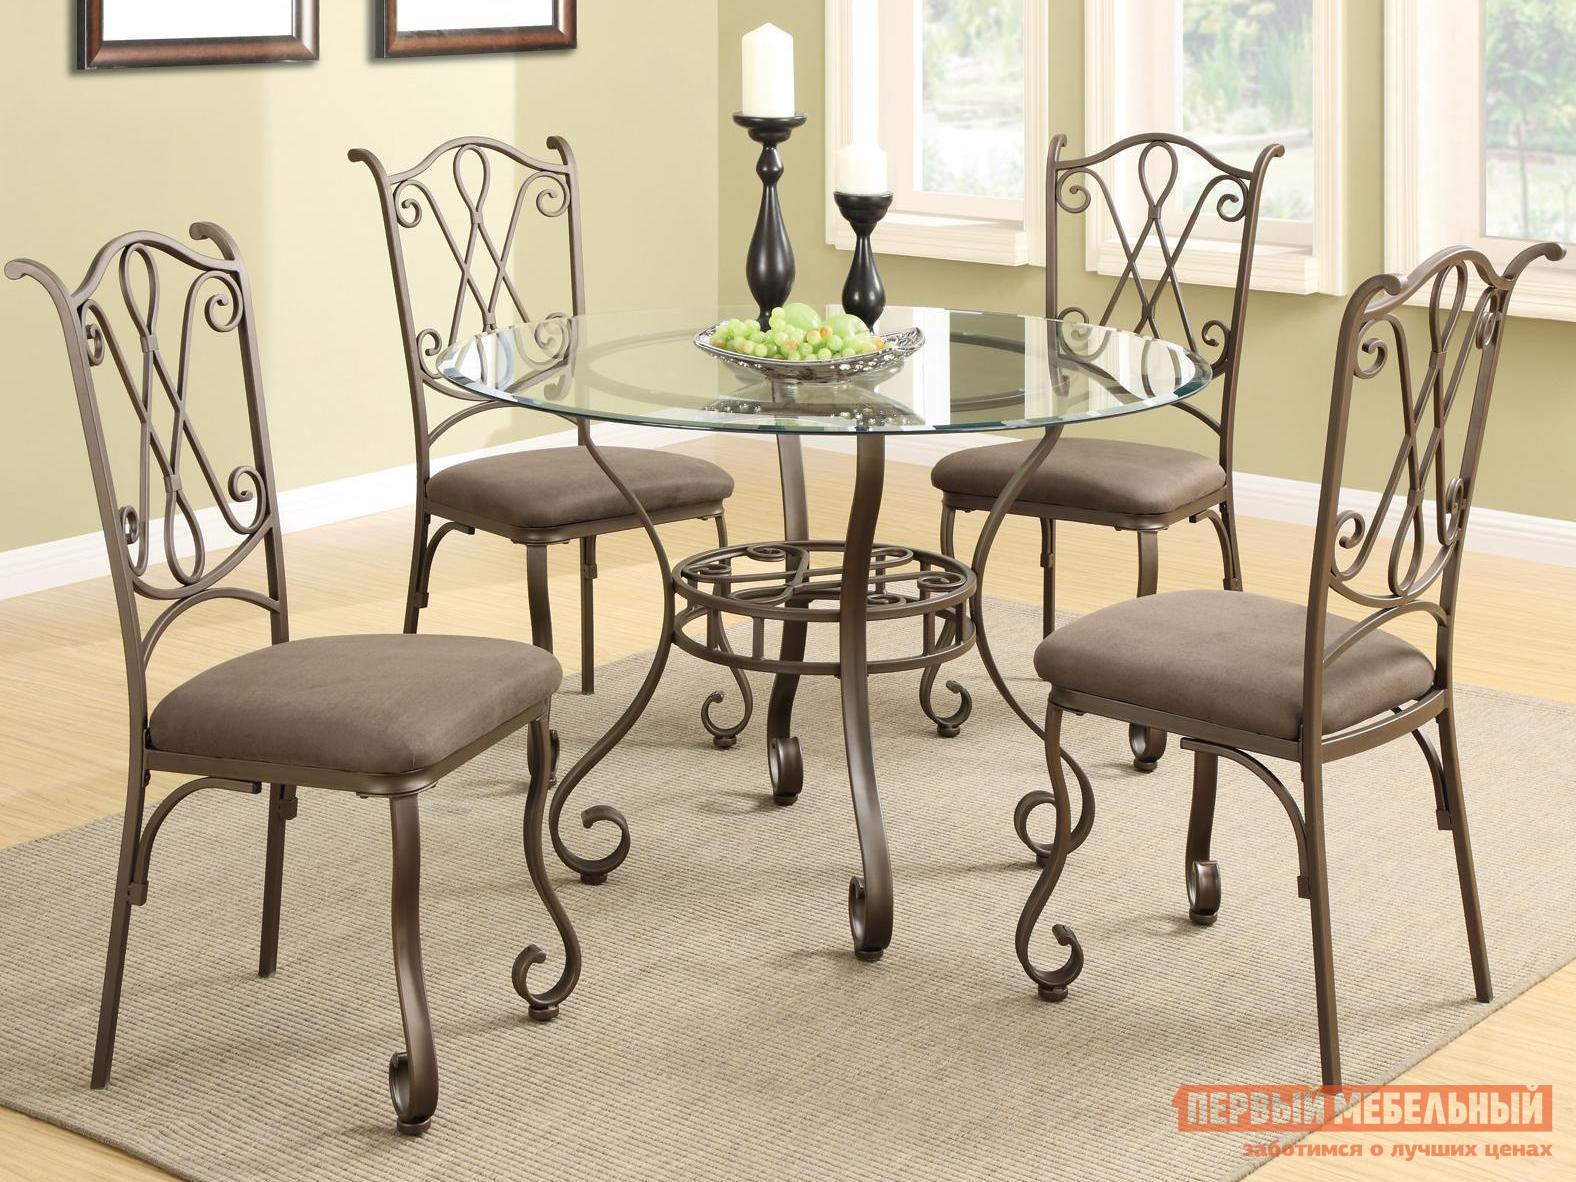 Обеденная группа для столовой и гостиной МебельТорг 2819/2719